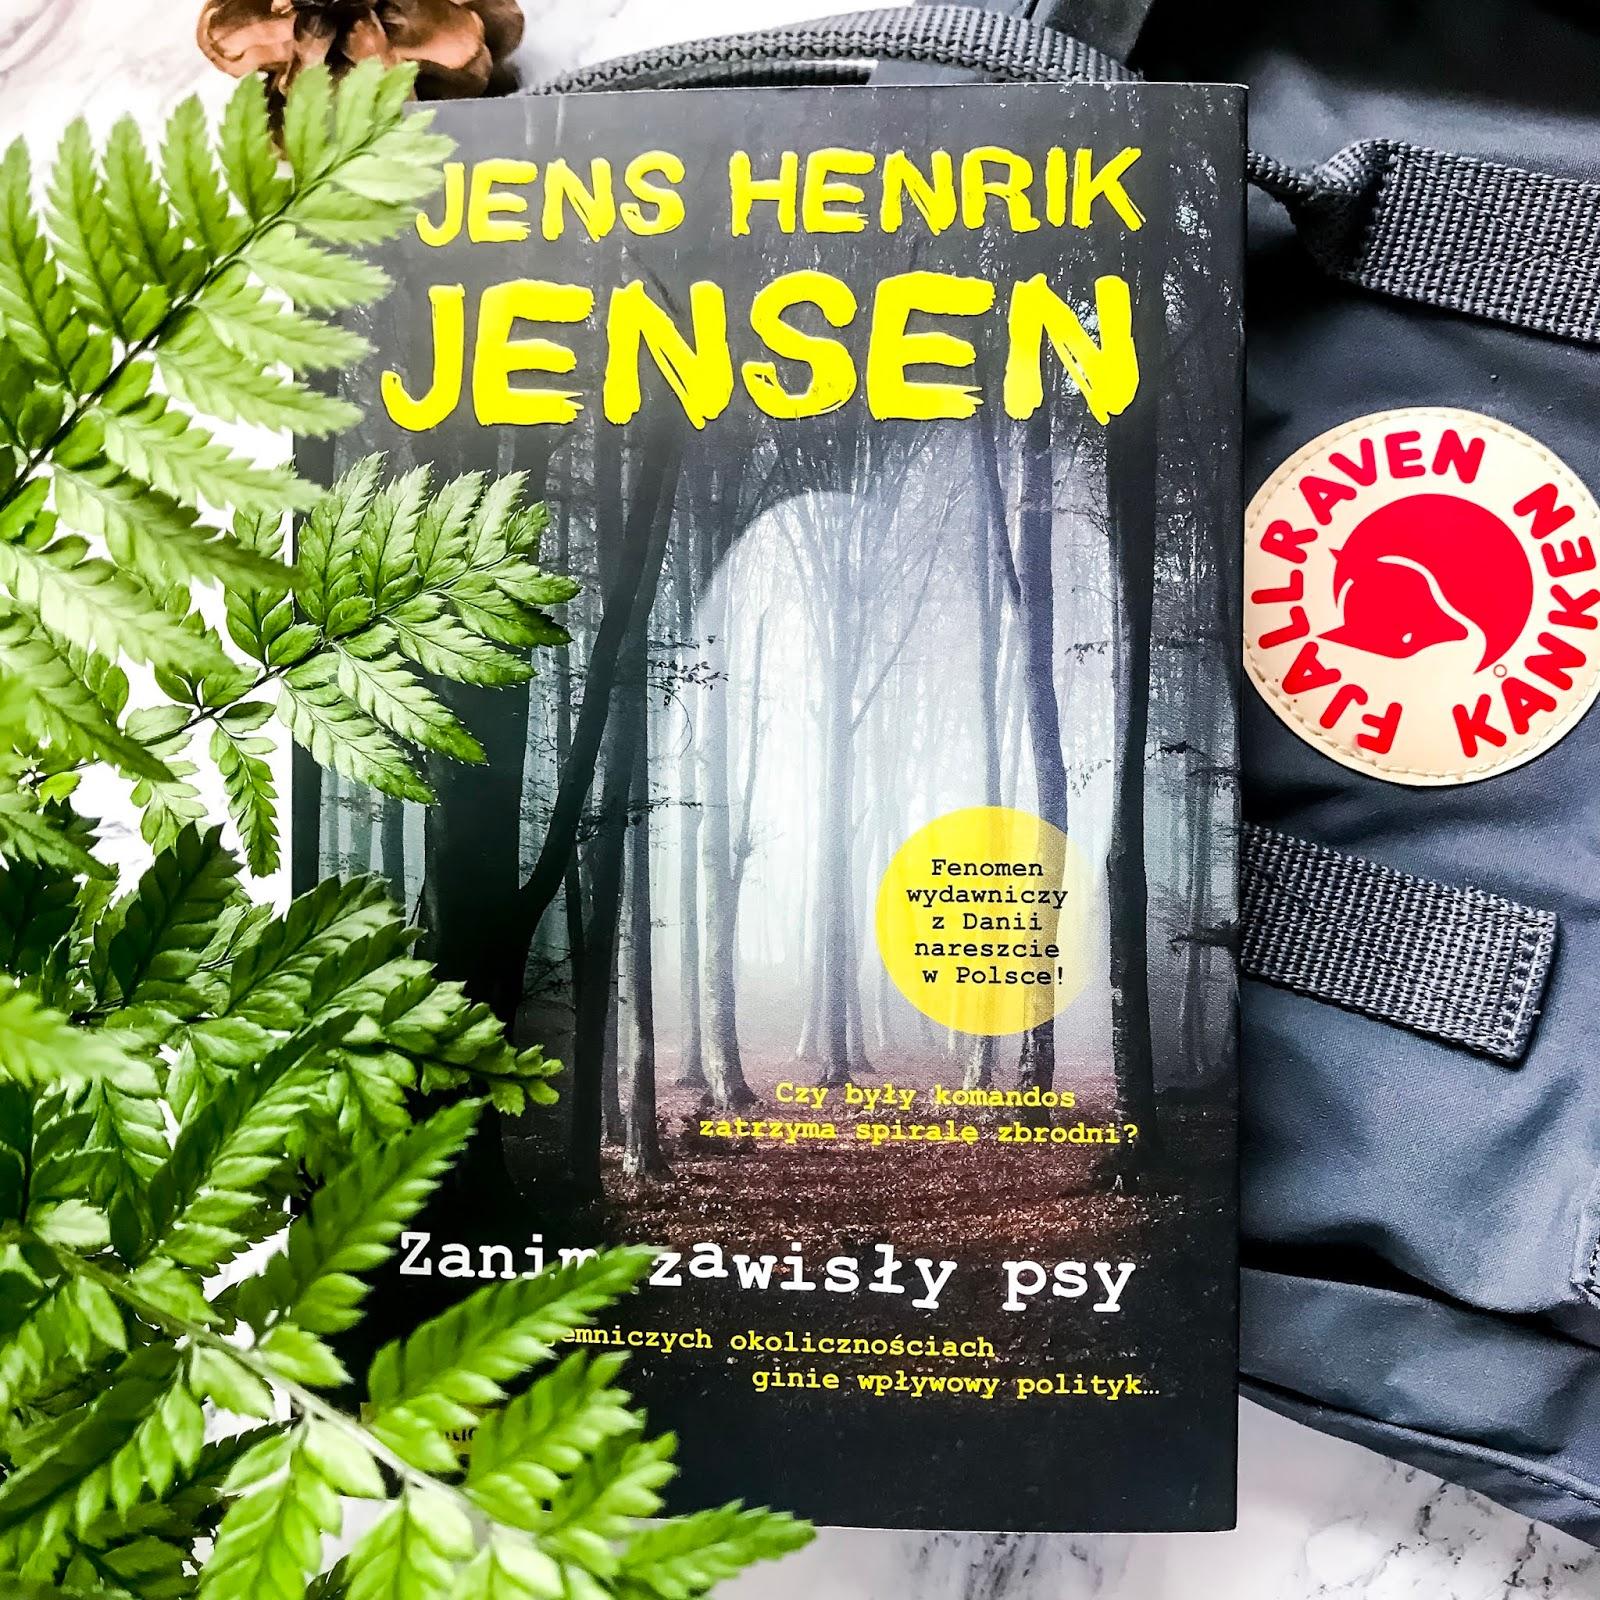 """Jens Henrik Jensen - """"Zanim zawisły psy"""" - trylogia Oxen. Czy Niels Oxen to duński Jack Reacher?  Recenzja opinie"""